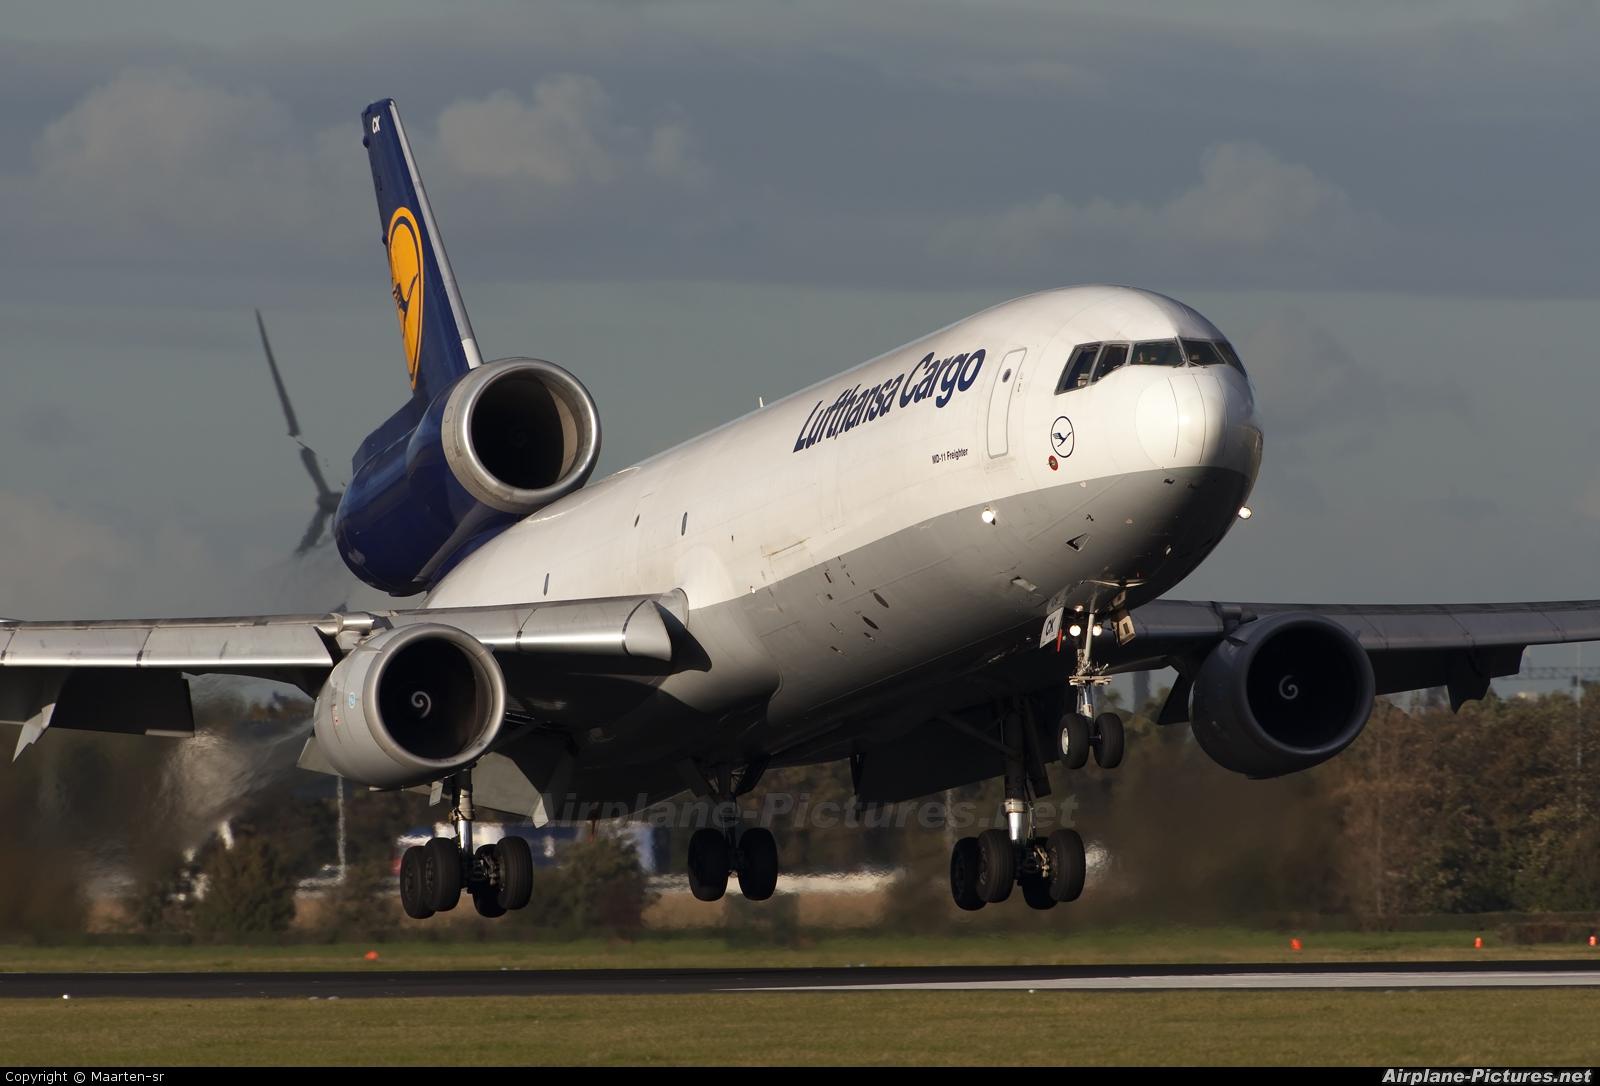 Lufthansa Cargo D-ALCK aircraft at Amsterdam - Schiphol